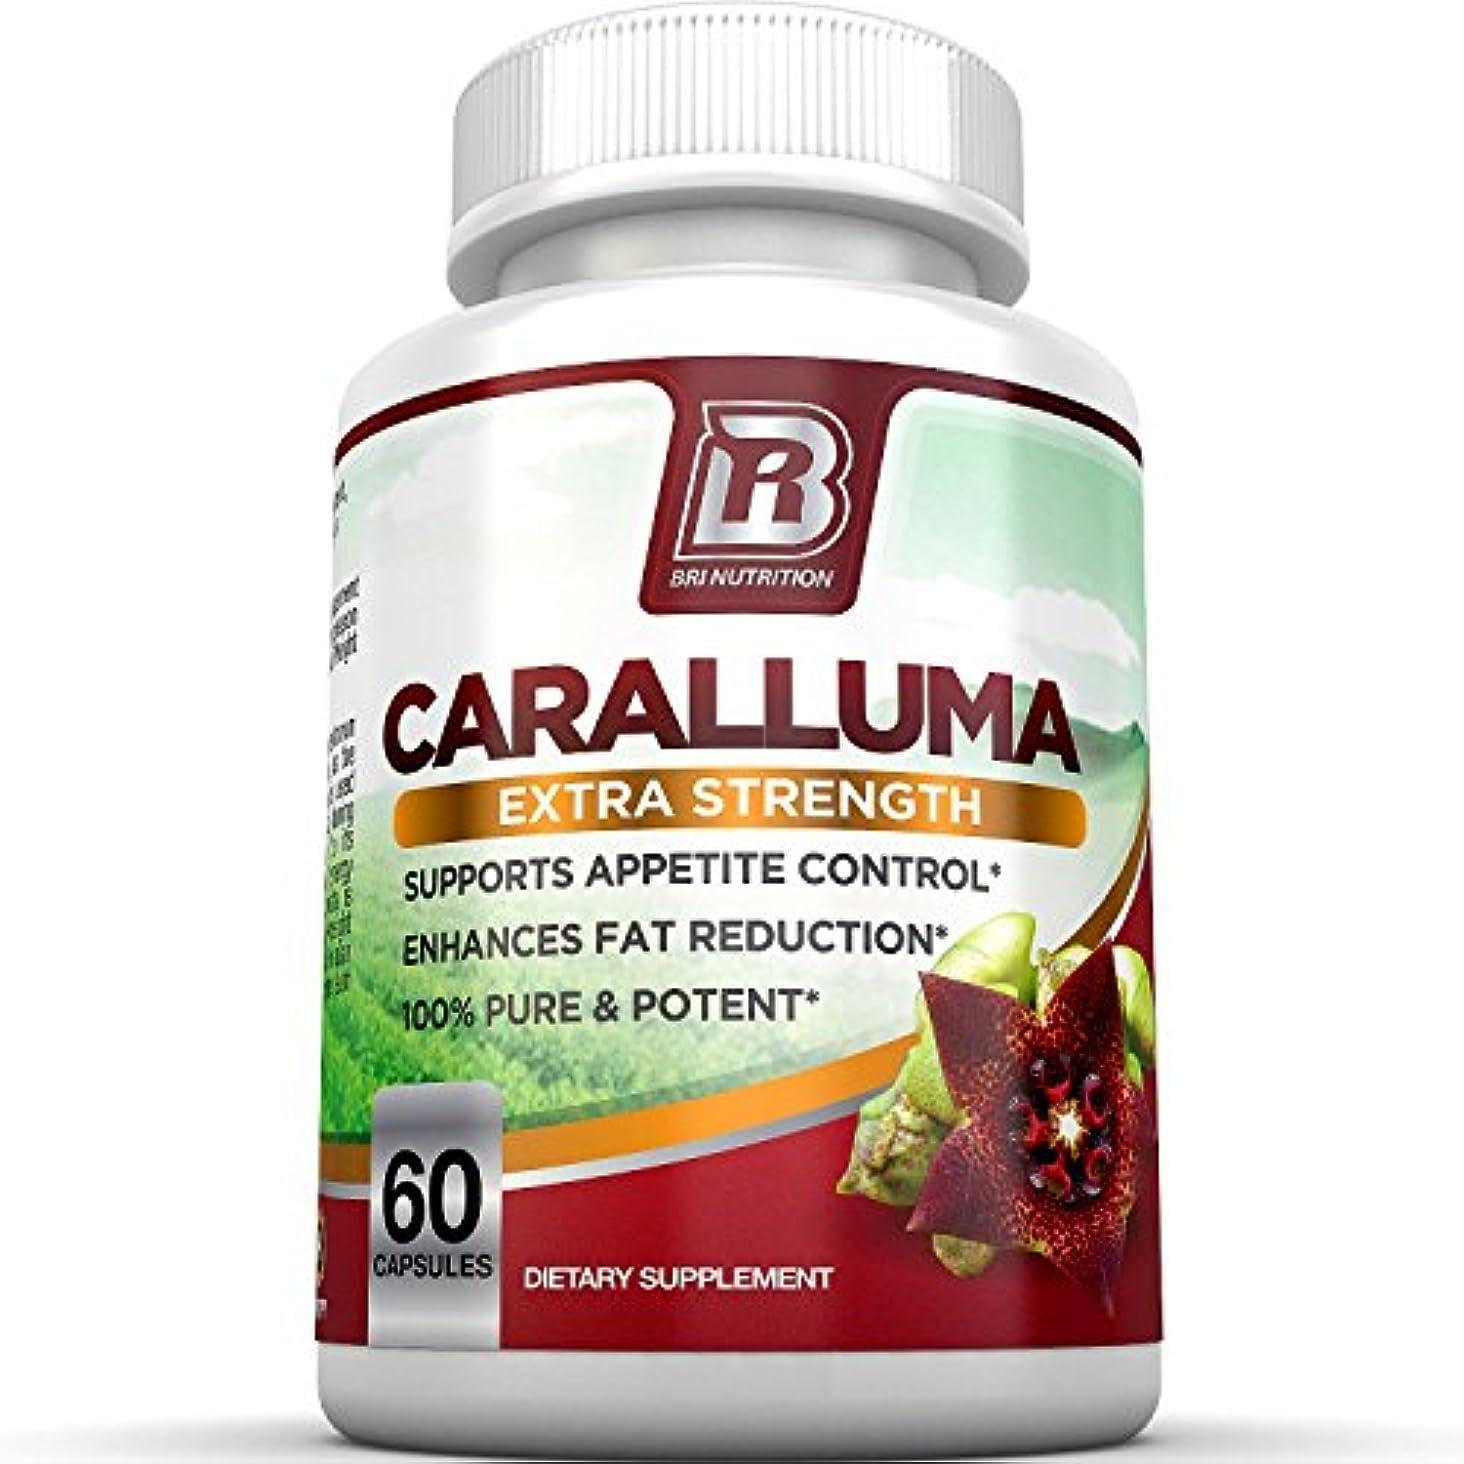 何かパーフェルビッドフォーマットBRI栄養カラルマFimbriata - 20 : 1エキス最大耐力?サプリメント - 30日サプライ60ctベジカプセル - ピュアインドカラルマFimbriataから作りました BRI Nutrition Caralluma...